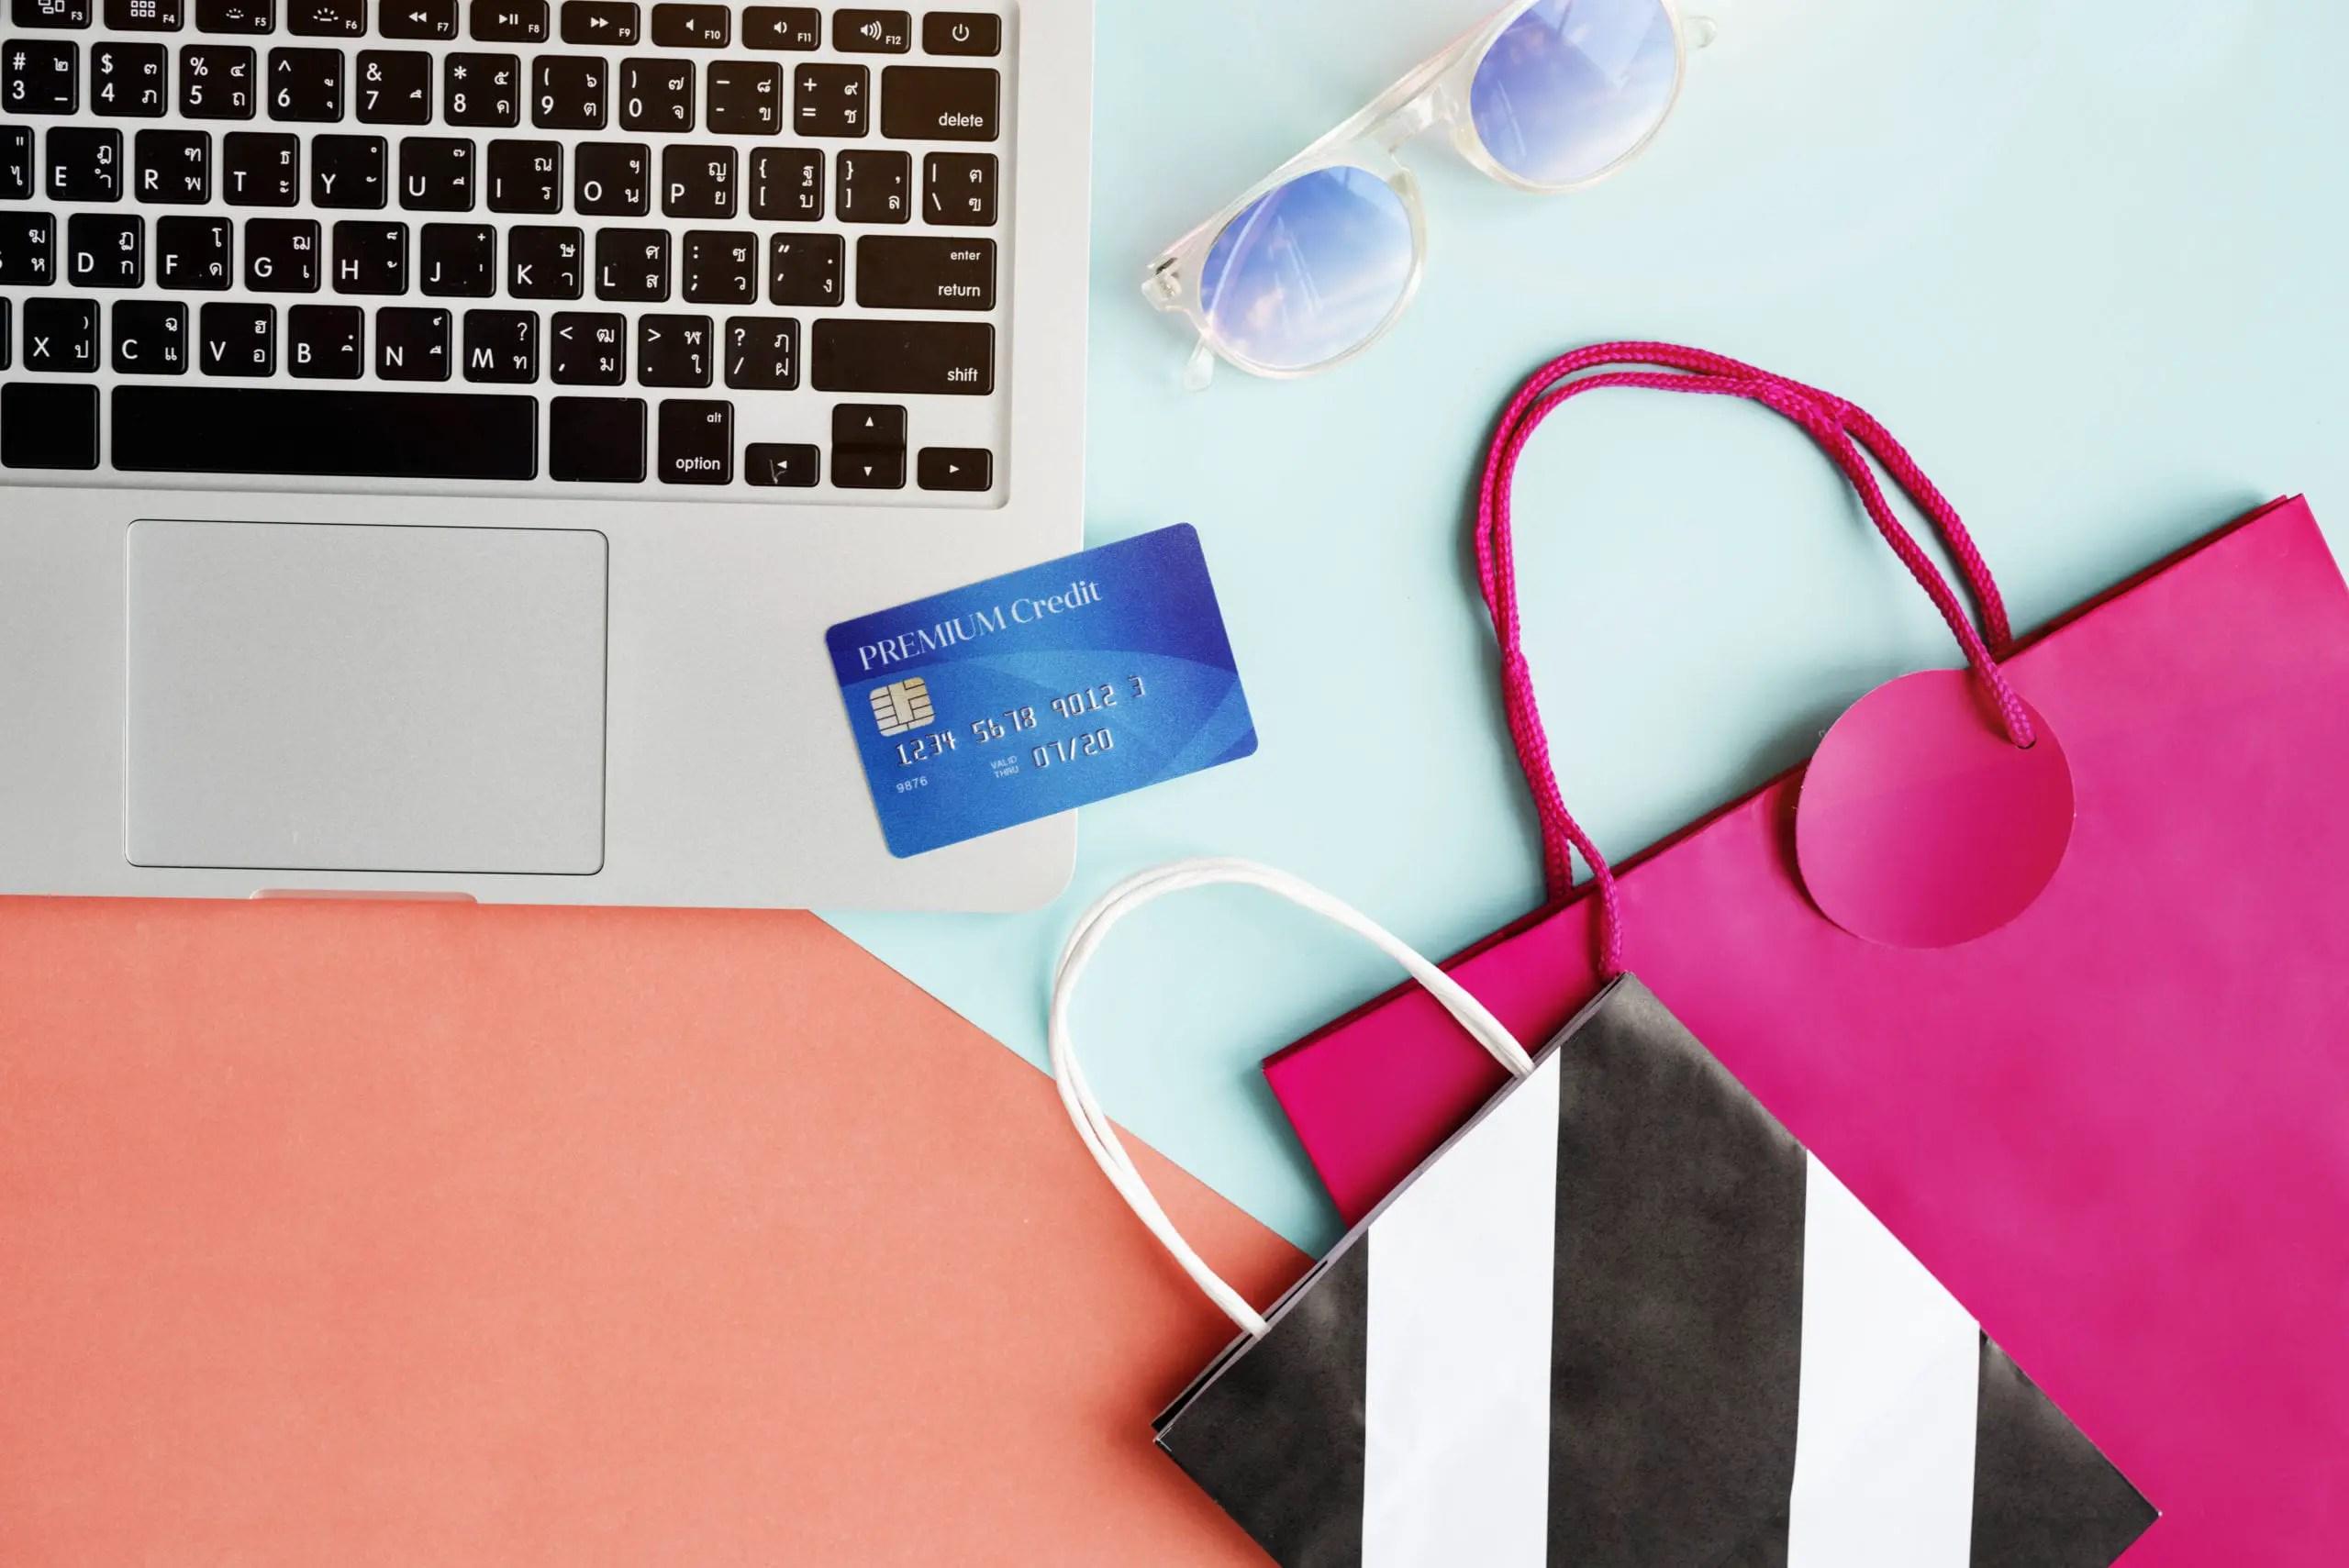 اشياء عن التسوق الالكتروني يجب ان تعلمها 2022